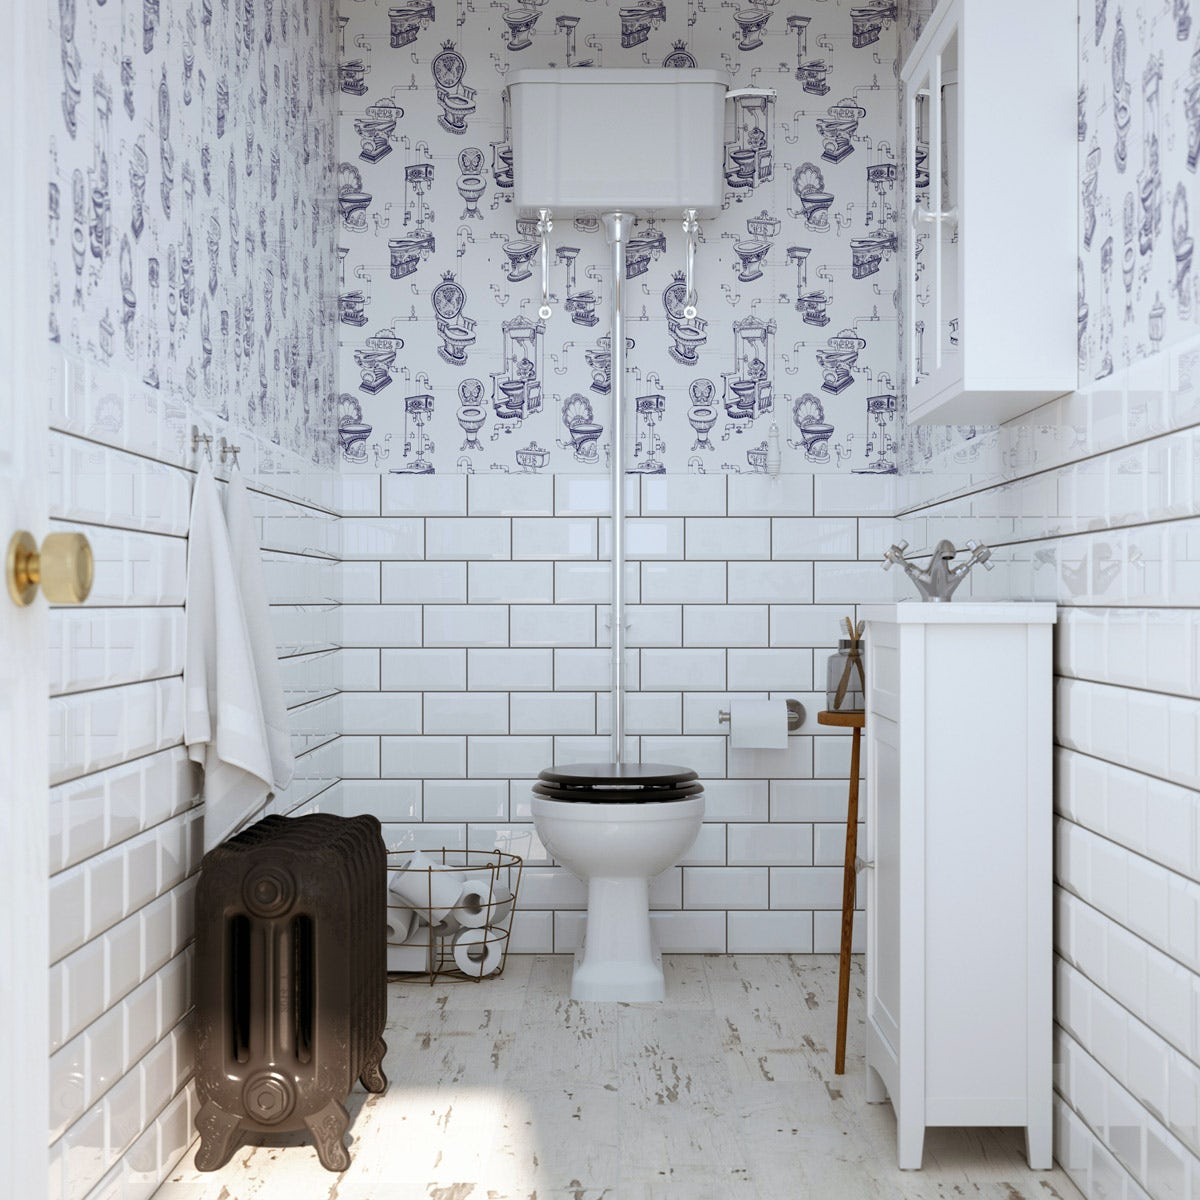 British Ceramic Tile Metro bevel white gloss tile 100mm x 200mm  VictoriaPlumcom